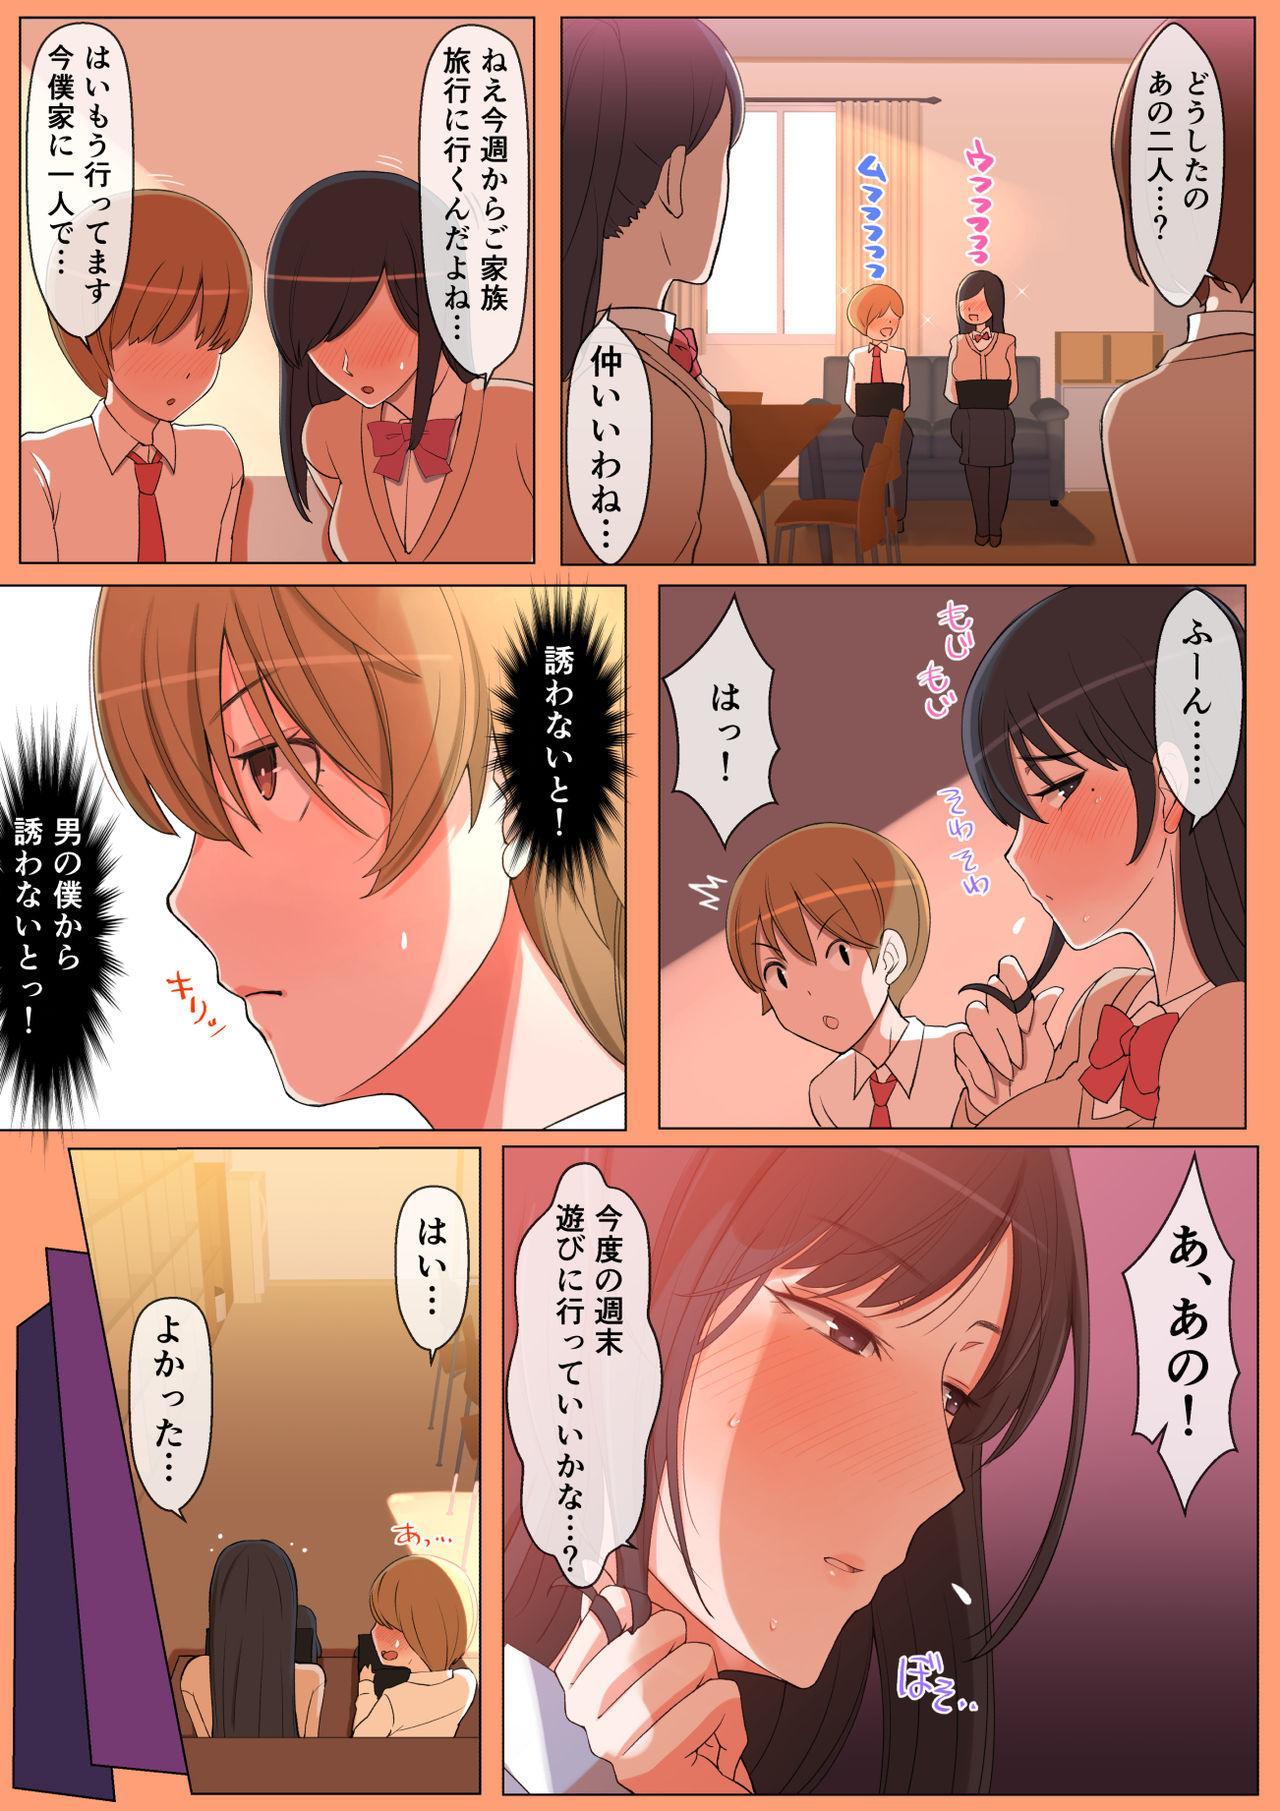 Haru-kun to Yukina Senpai 44